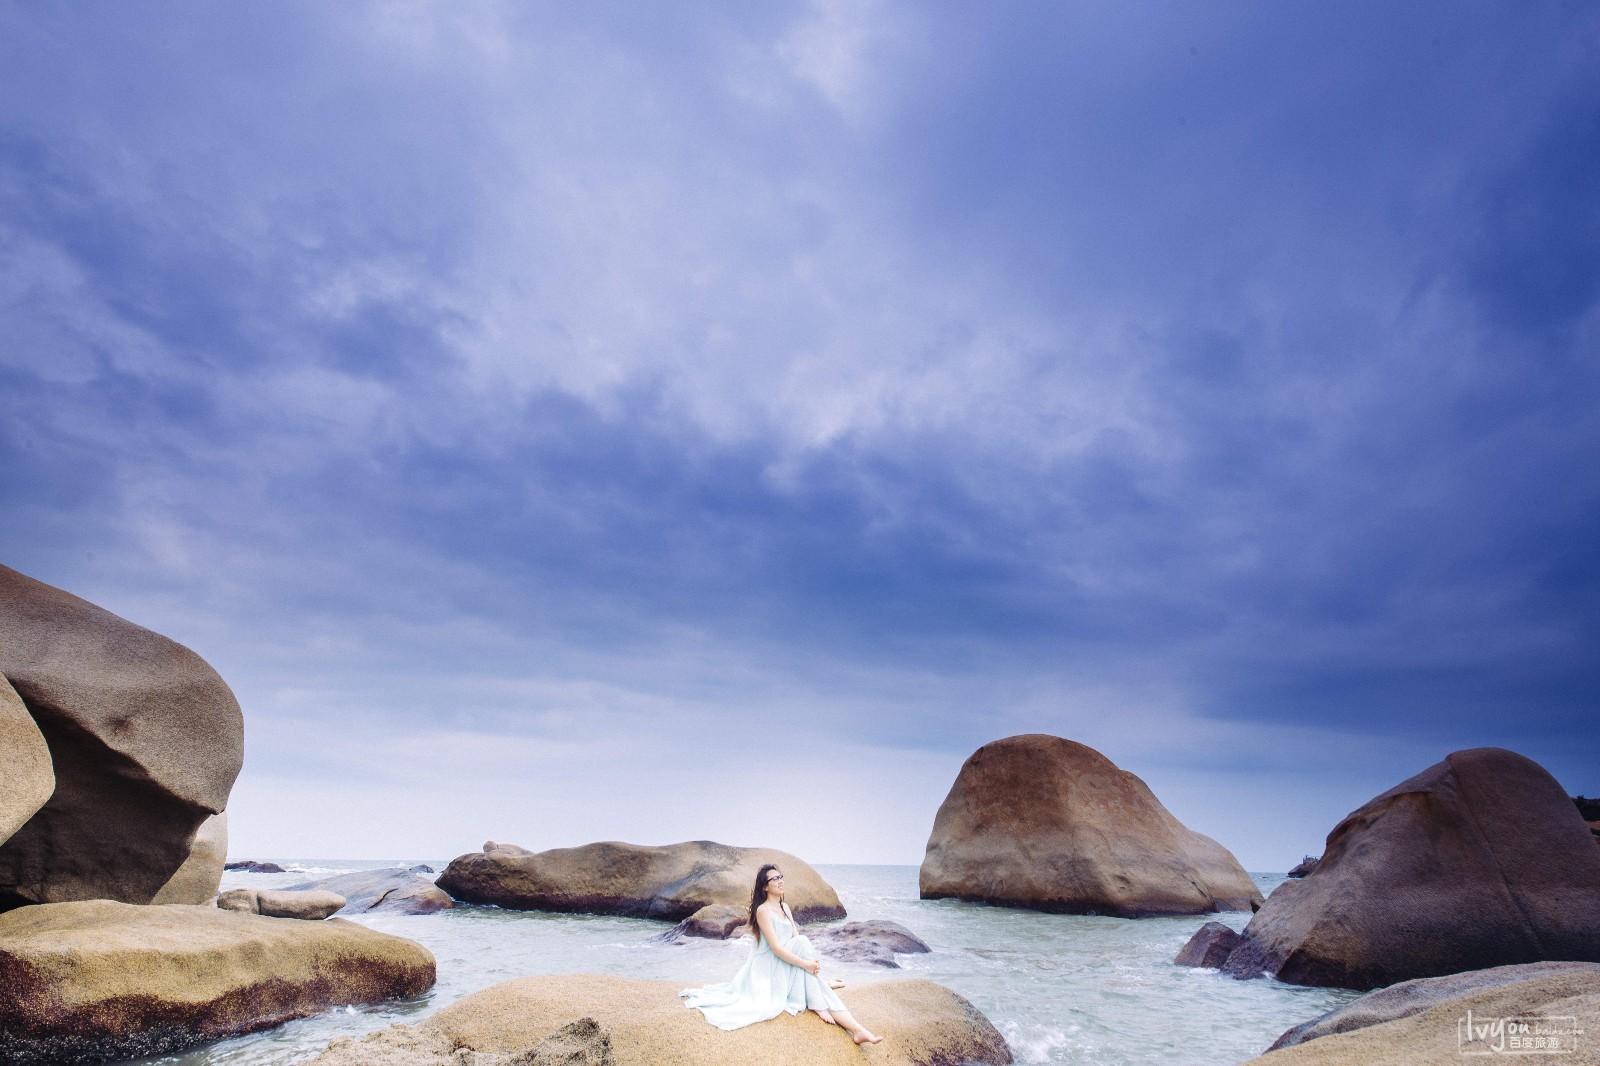 那琴半岛地质海洋公园位于台山市北陡镇南部海湾上,海岸线全长6000多